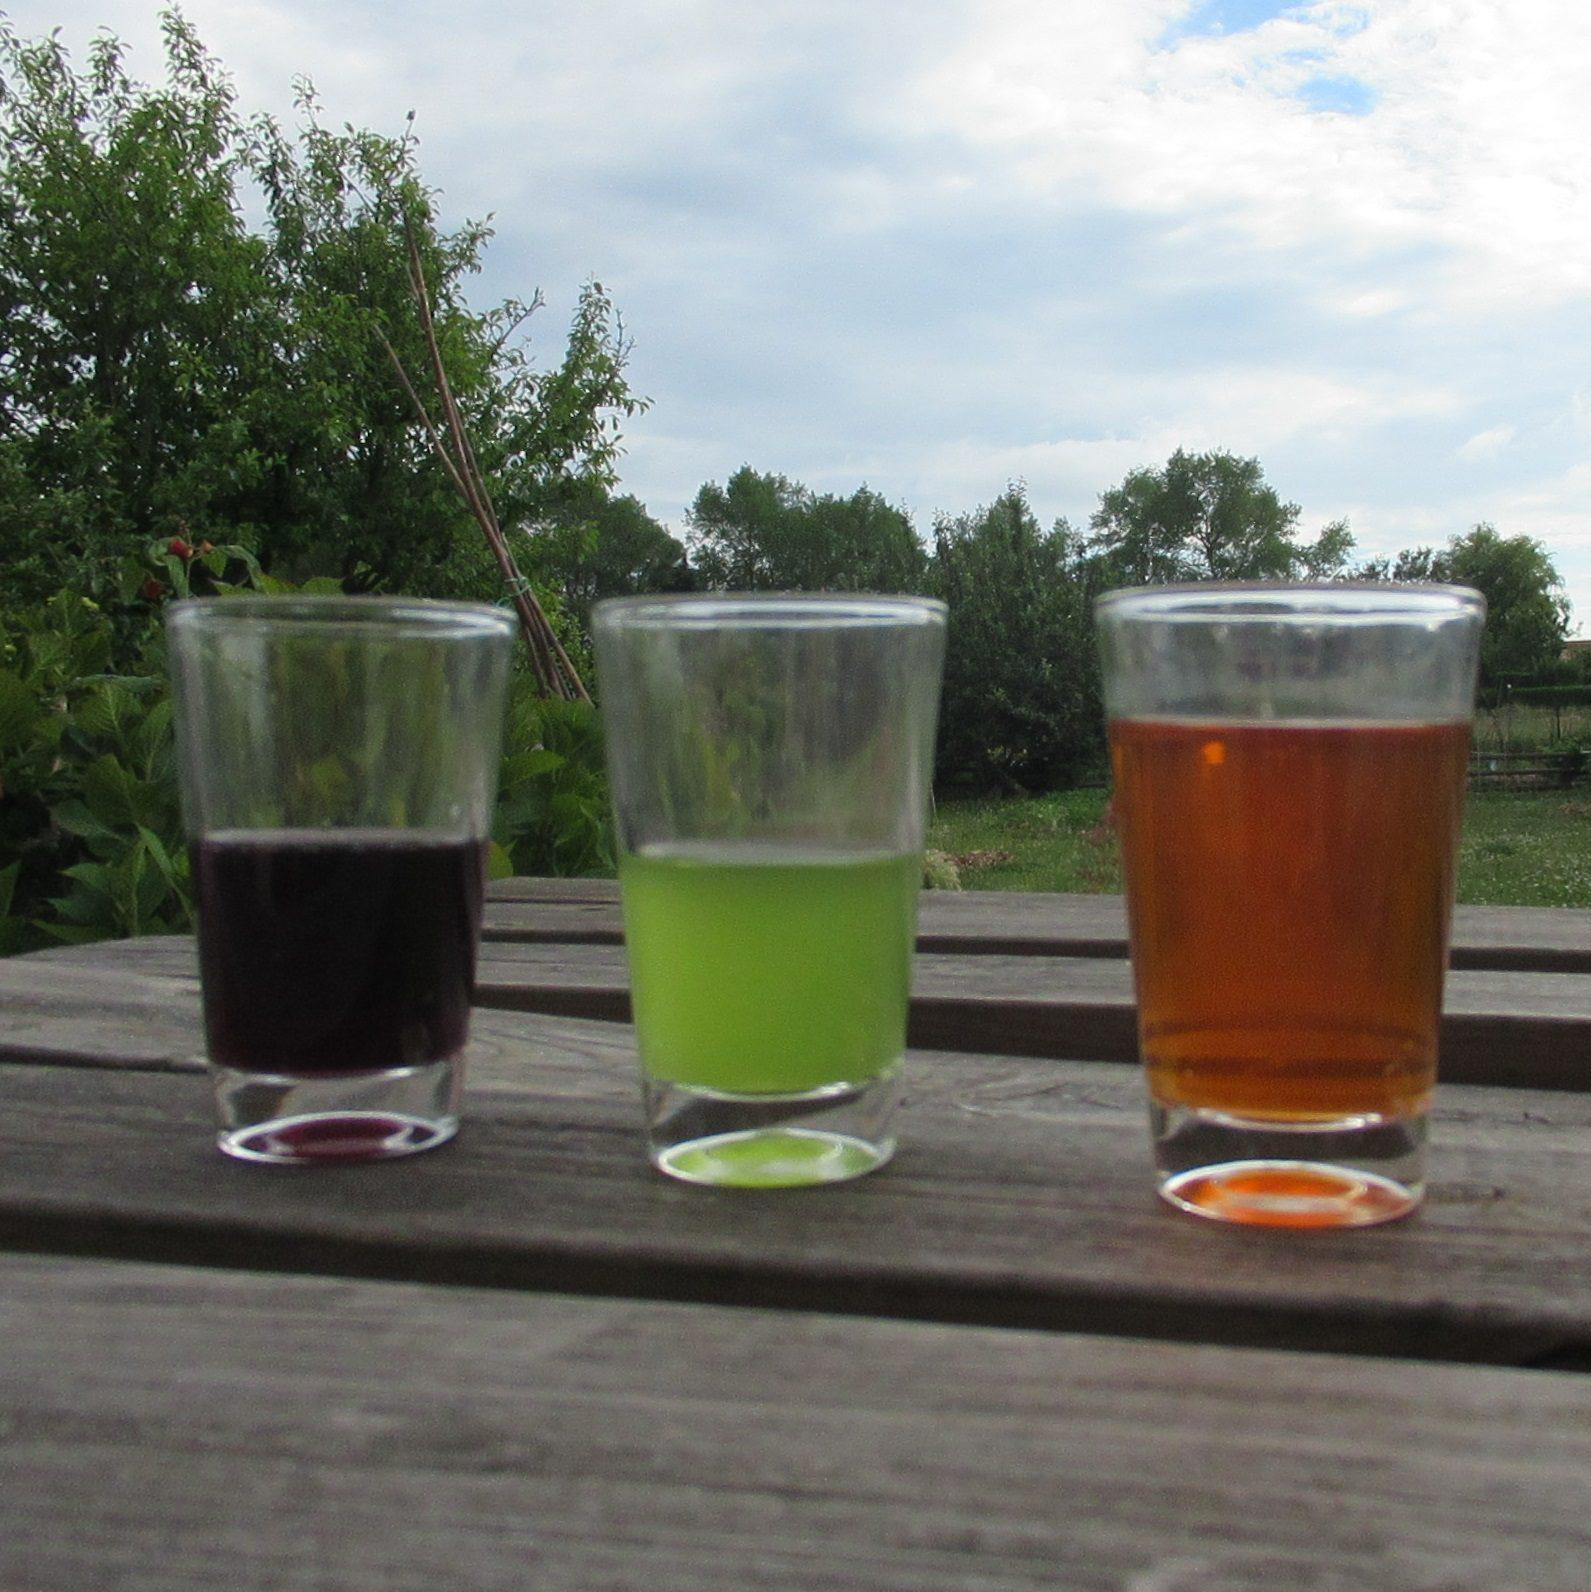 Trois verres contiennent respectivement des liquides violet, vert et orange. Ces encres végétales ont été fabriquées à partir de plantes, mais lesquelles ?